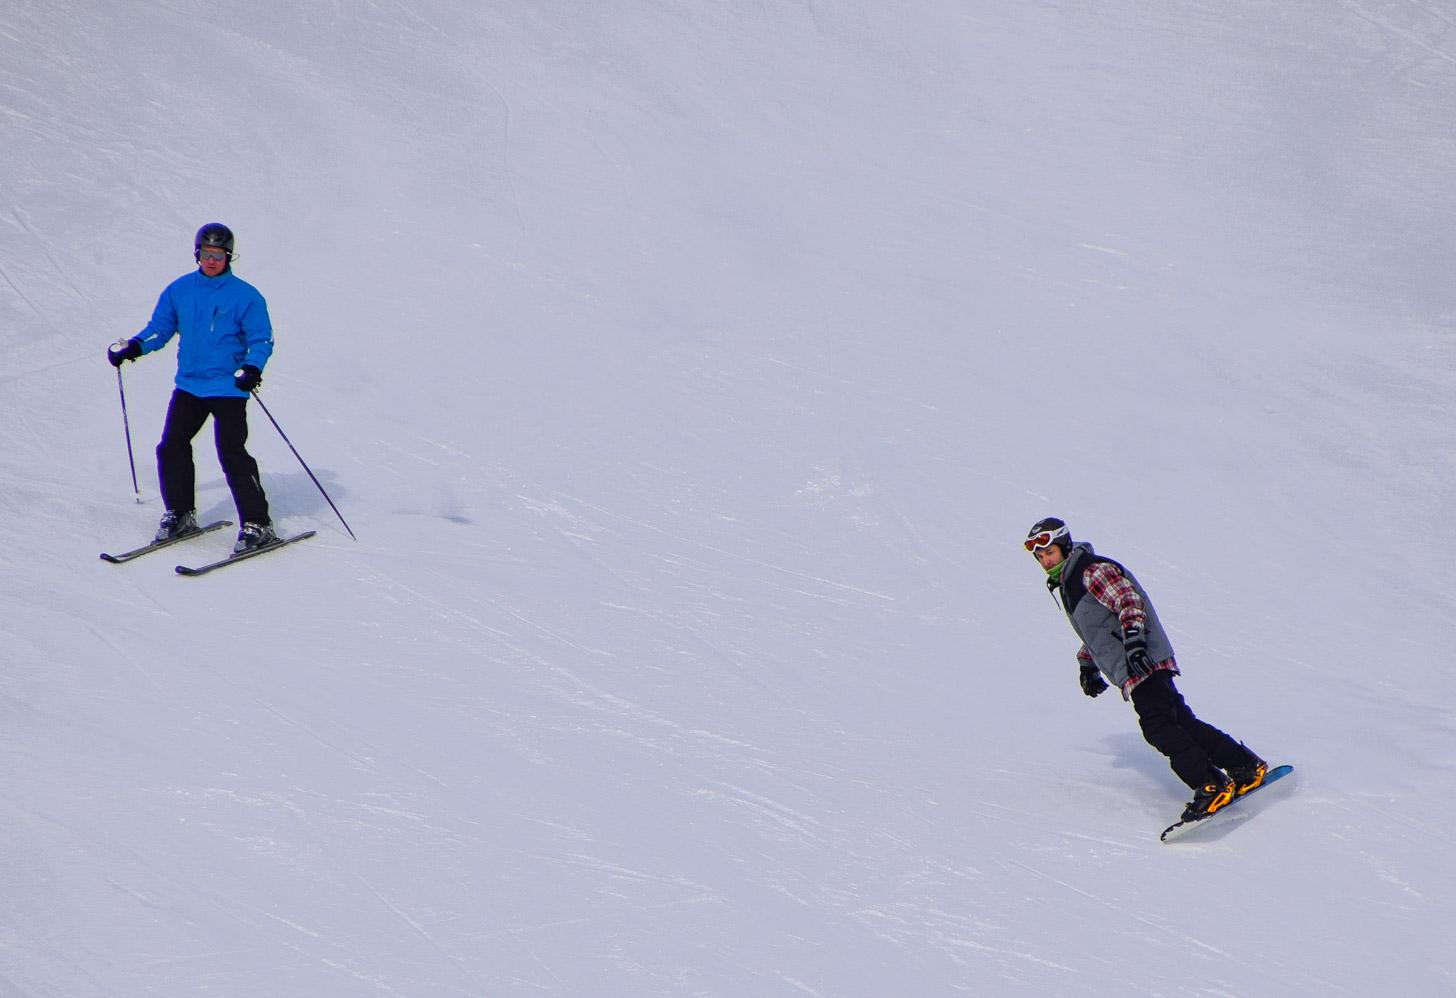 Skiër en snowboarder